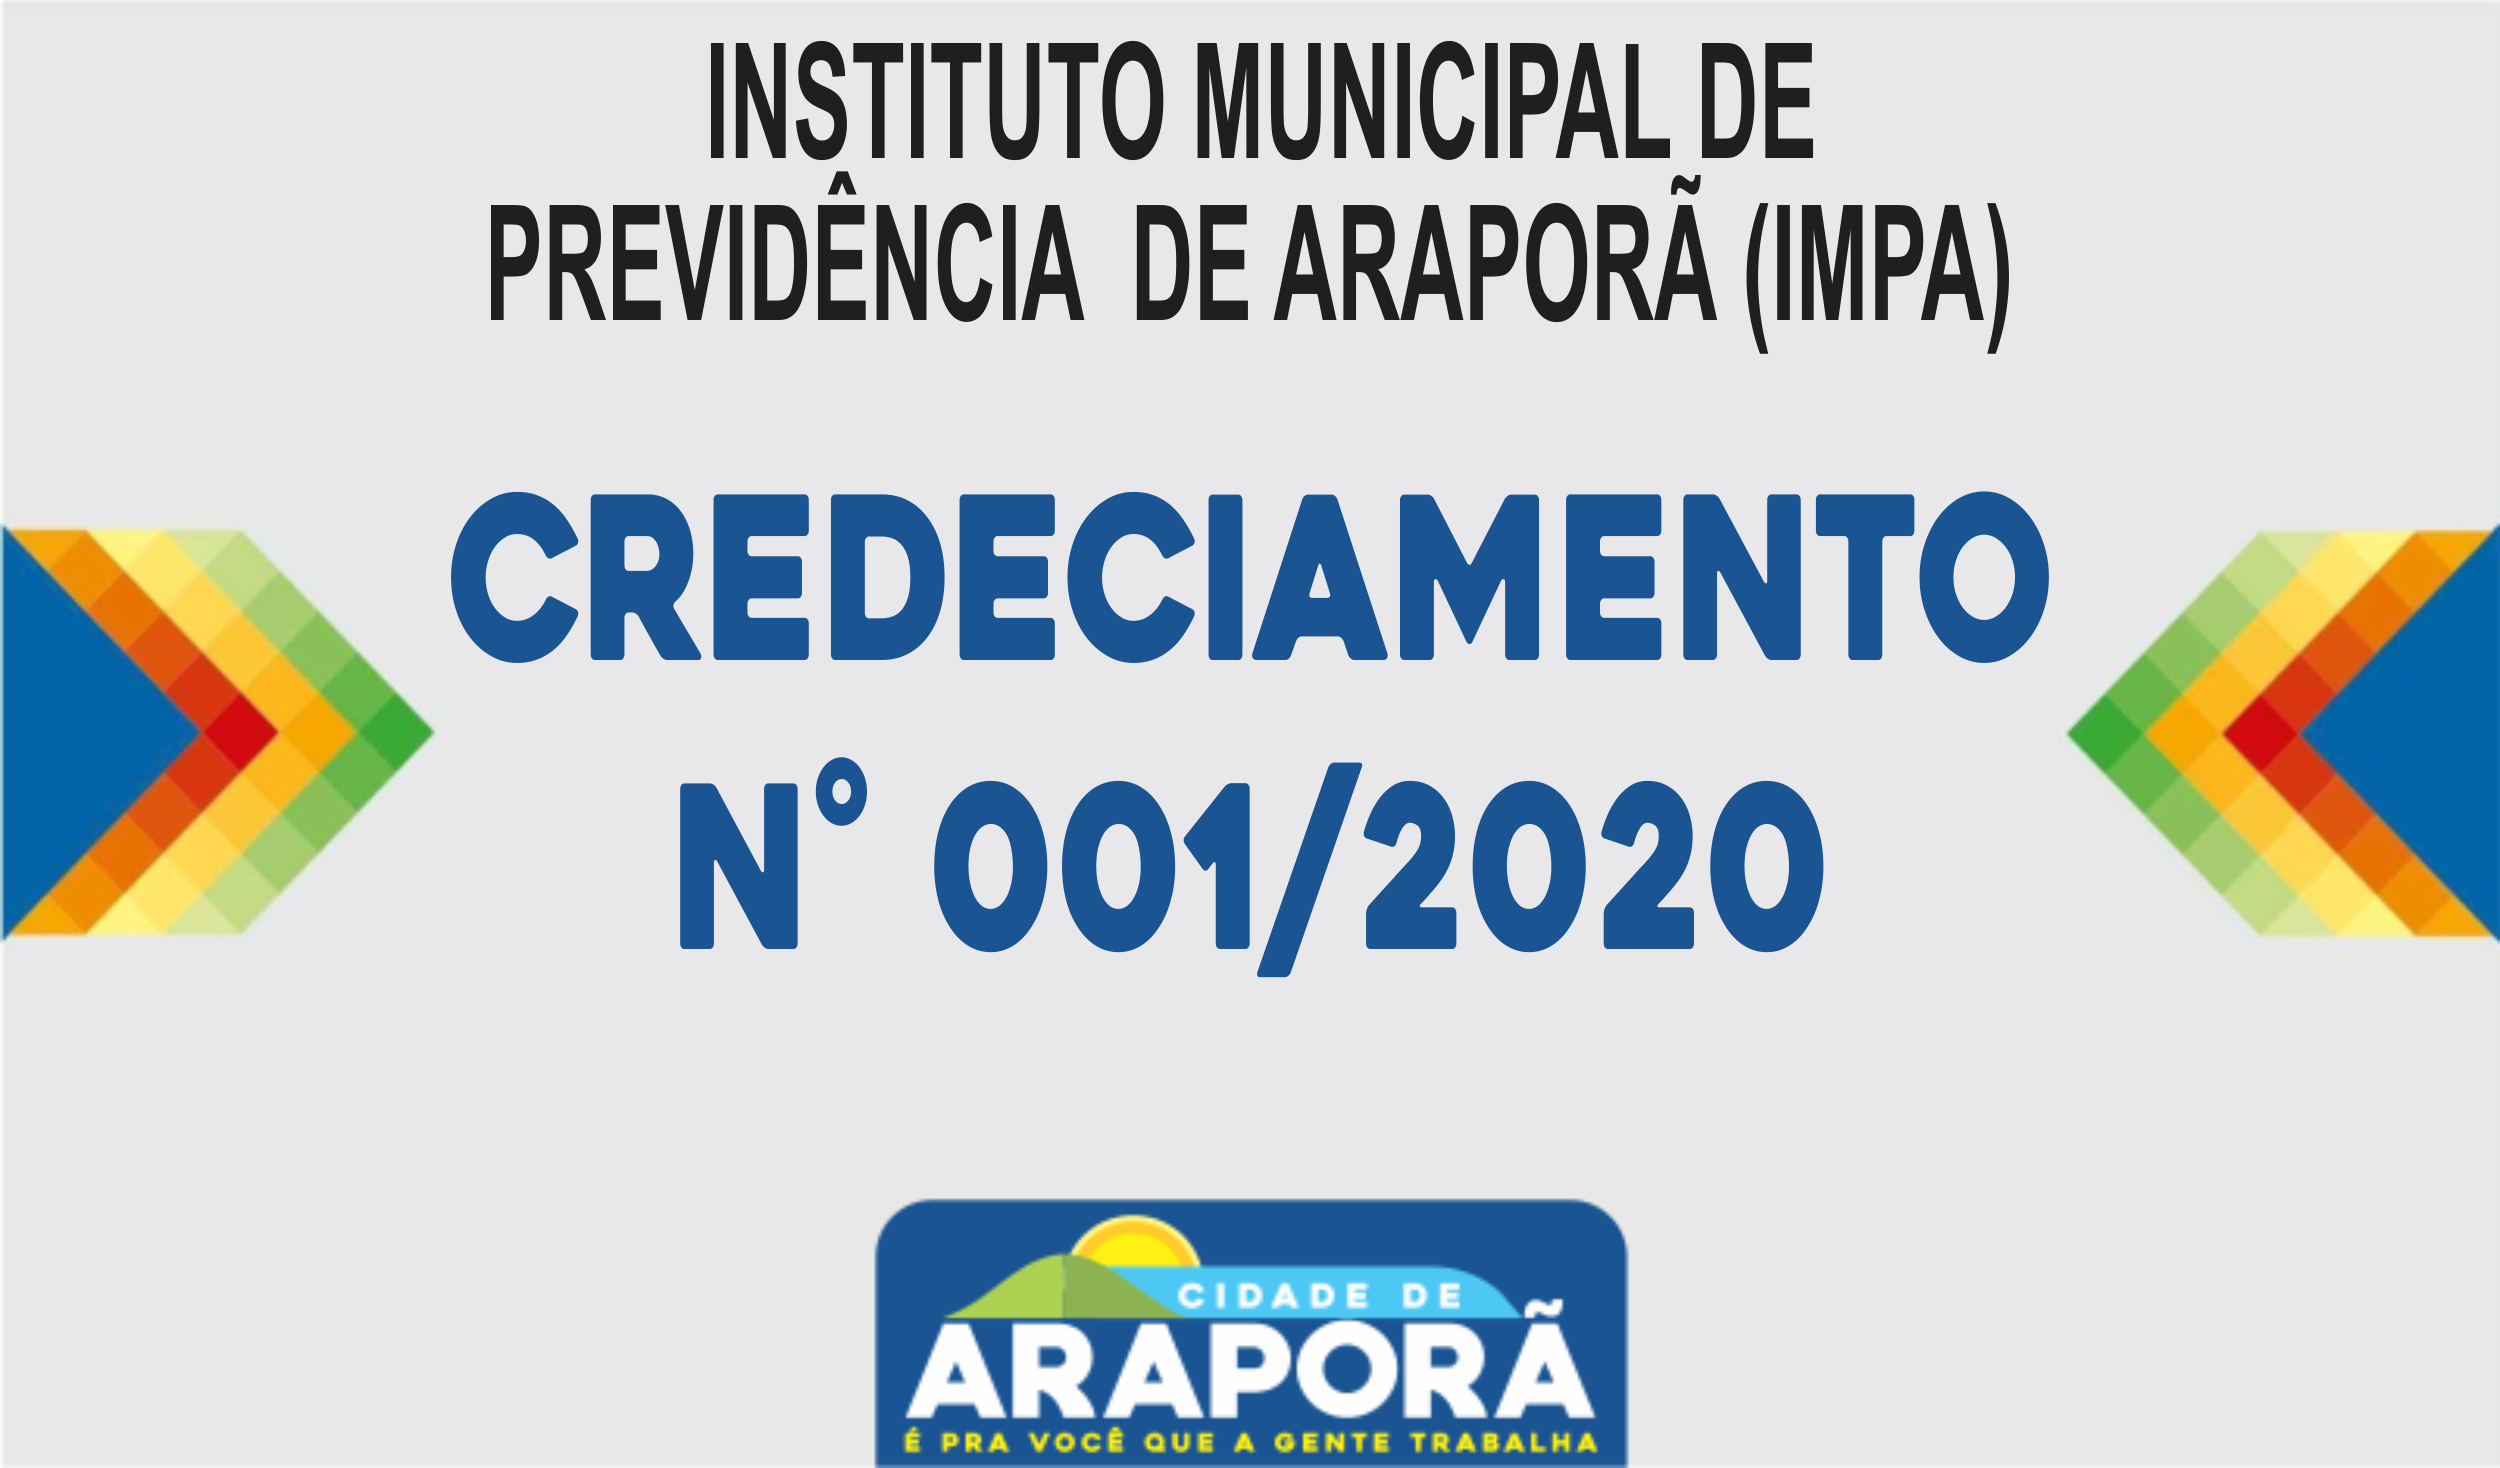 Imagem destaque notícia CREDECIAMENTO N° 001/2020 – INSTITUTO MUNICIPAL DE PREVIDÊNCIA  DE ARAPORÃ (IMPA)